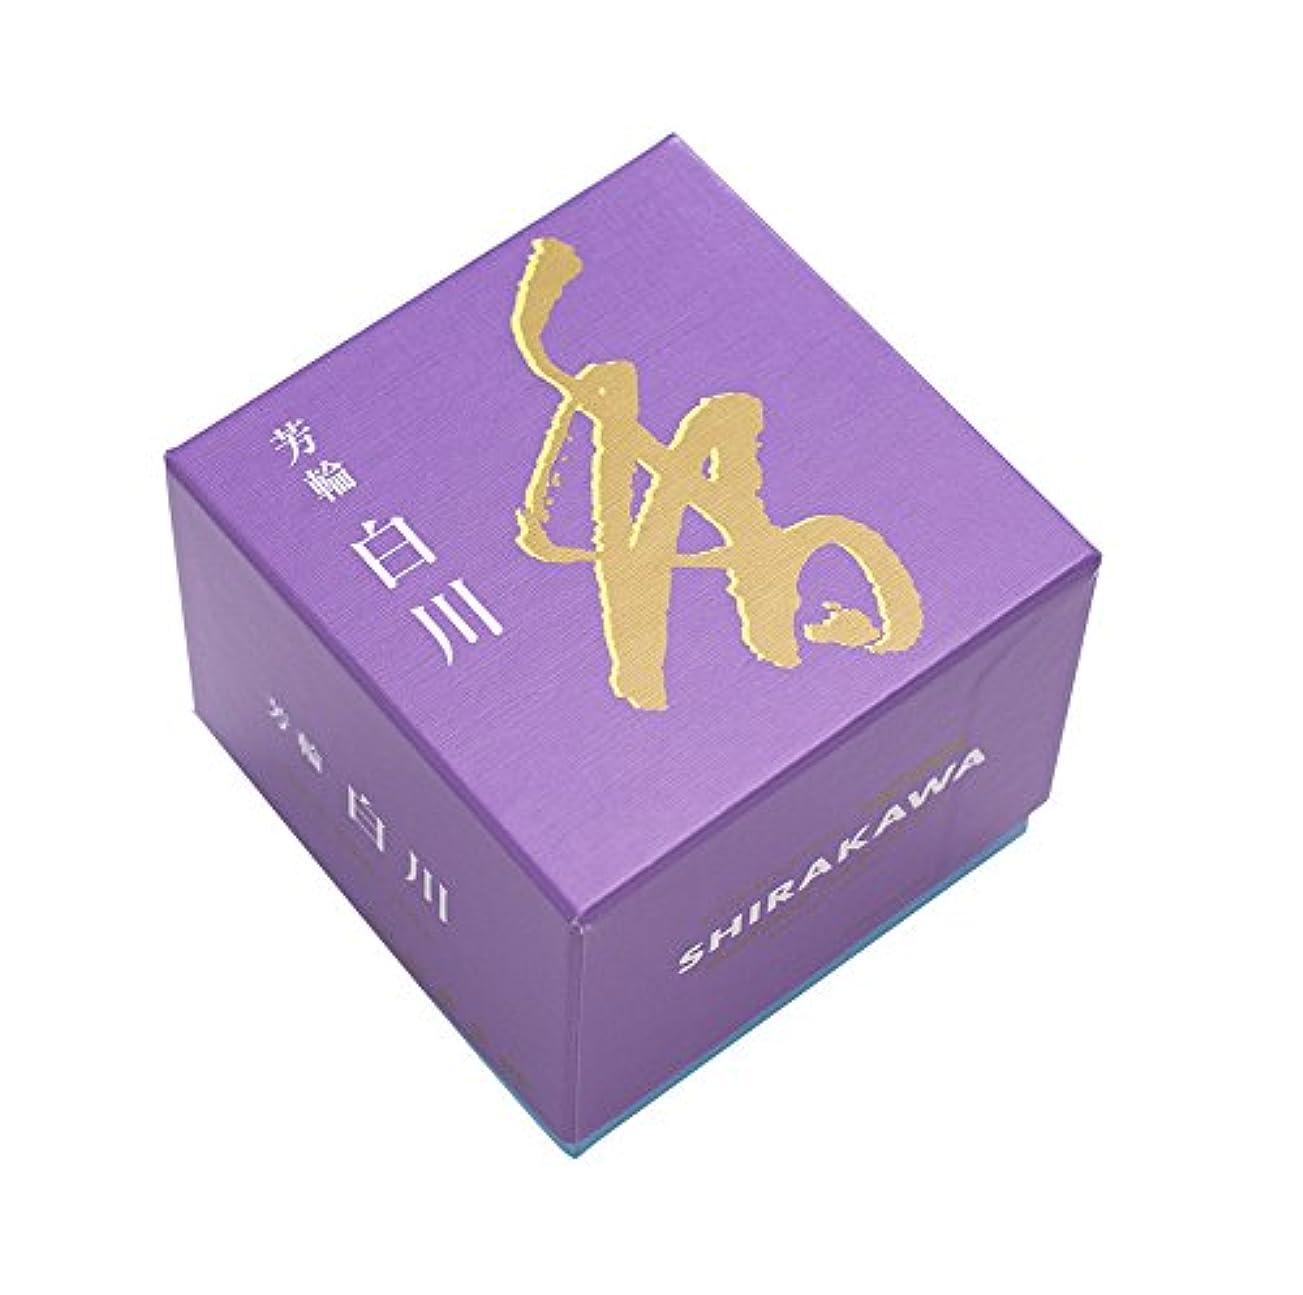 一元化する心配するアマゾンジャングル松栄堂のお香 芳輪白川 渦巻型10枚入 うてな角型付 #210621